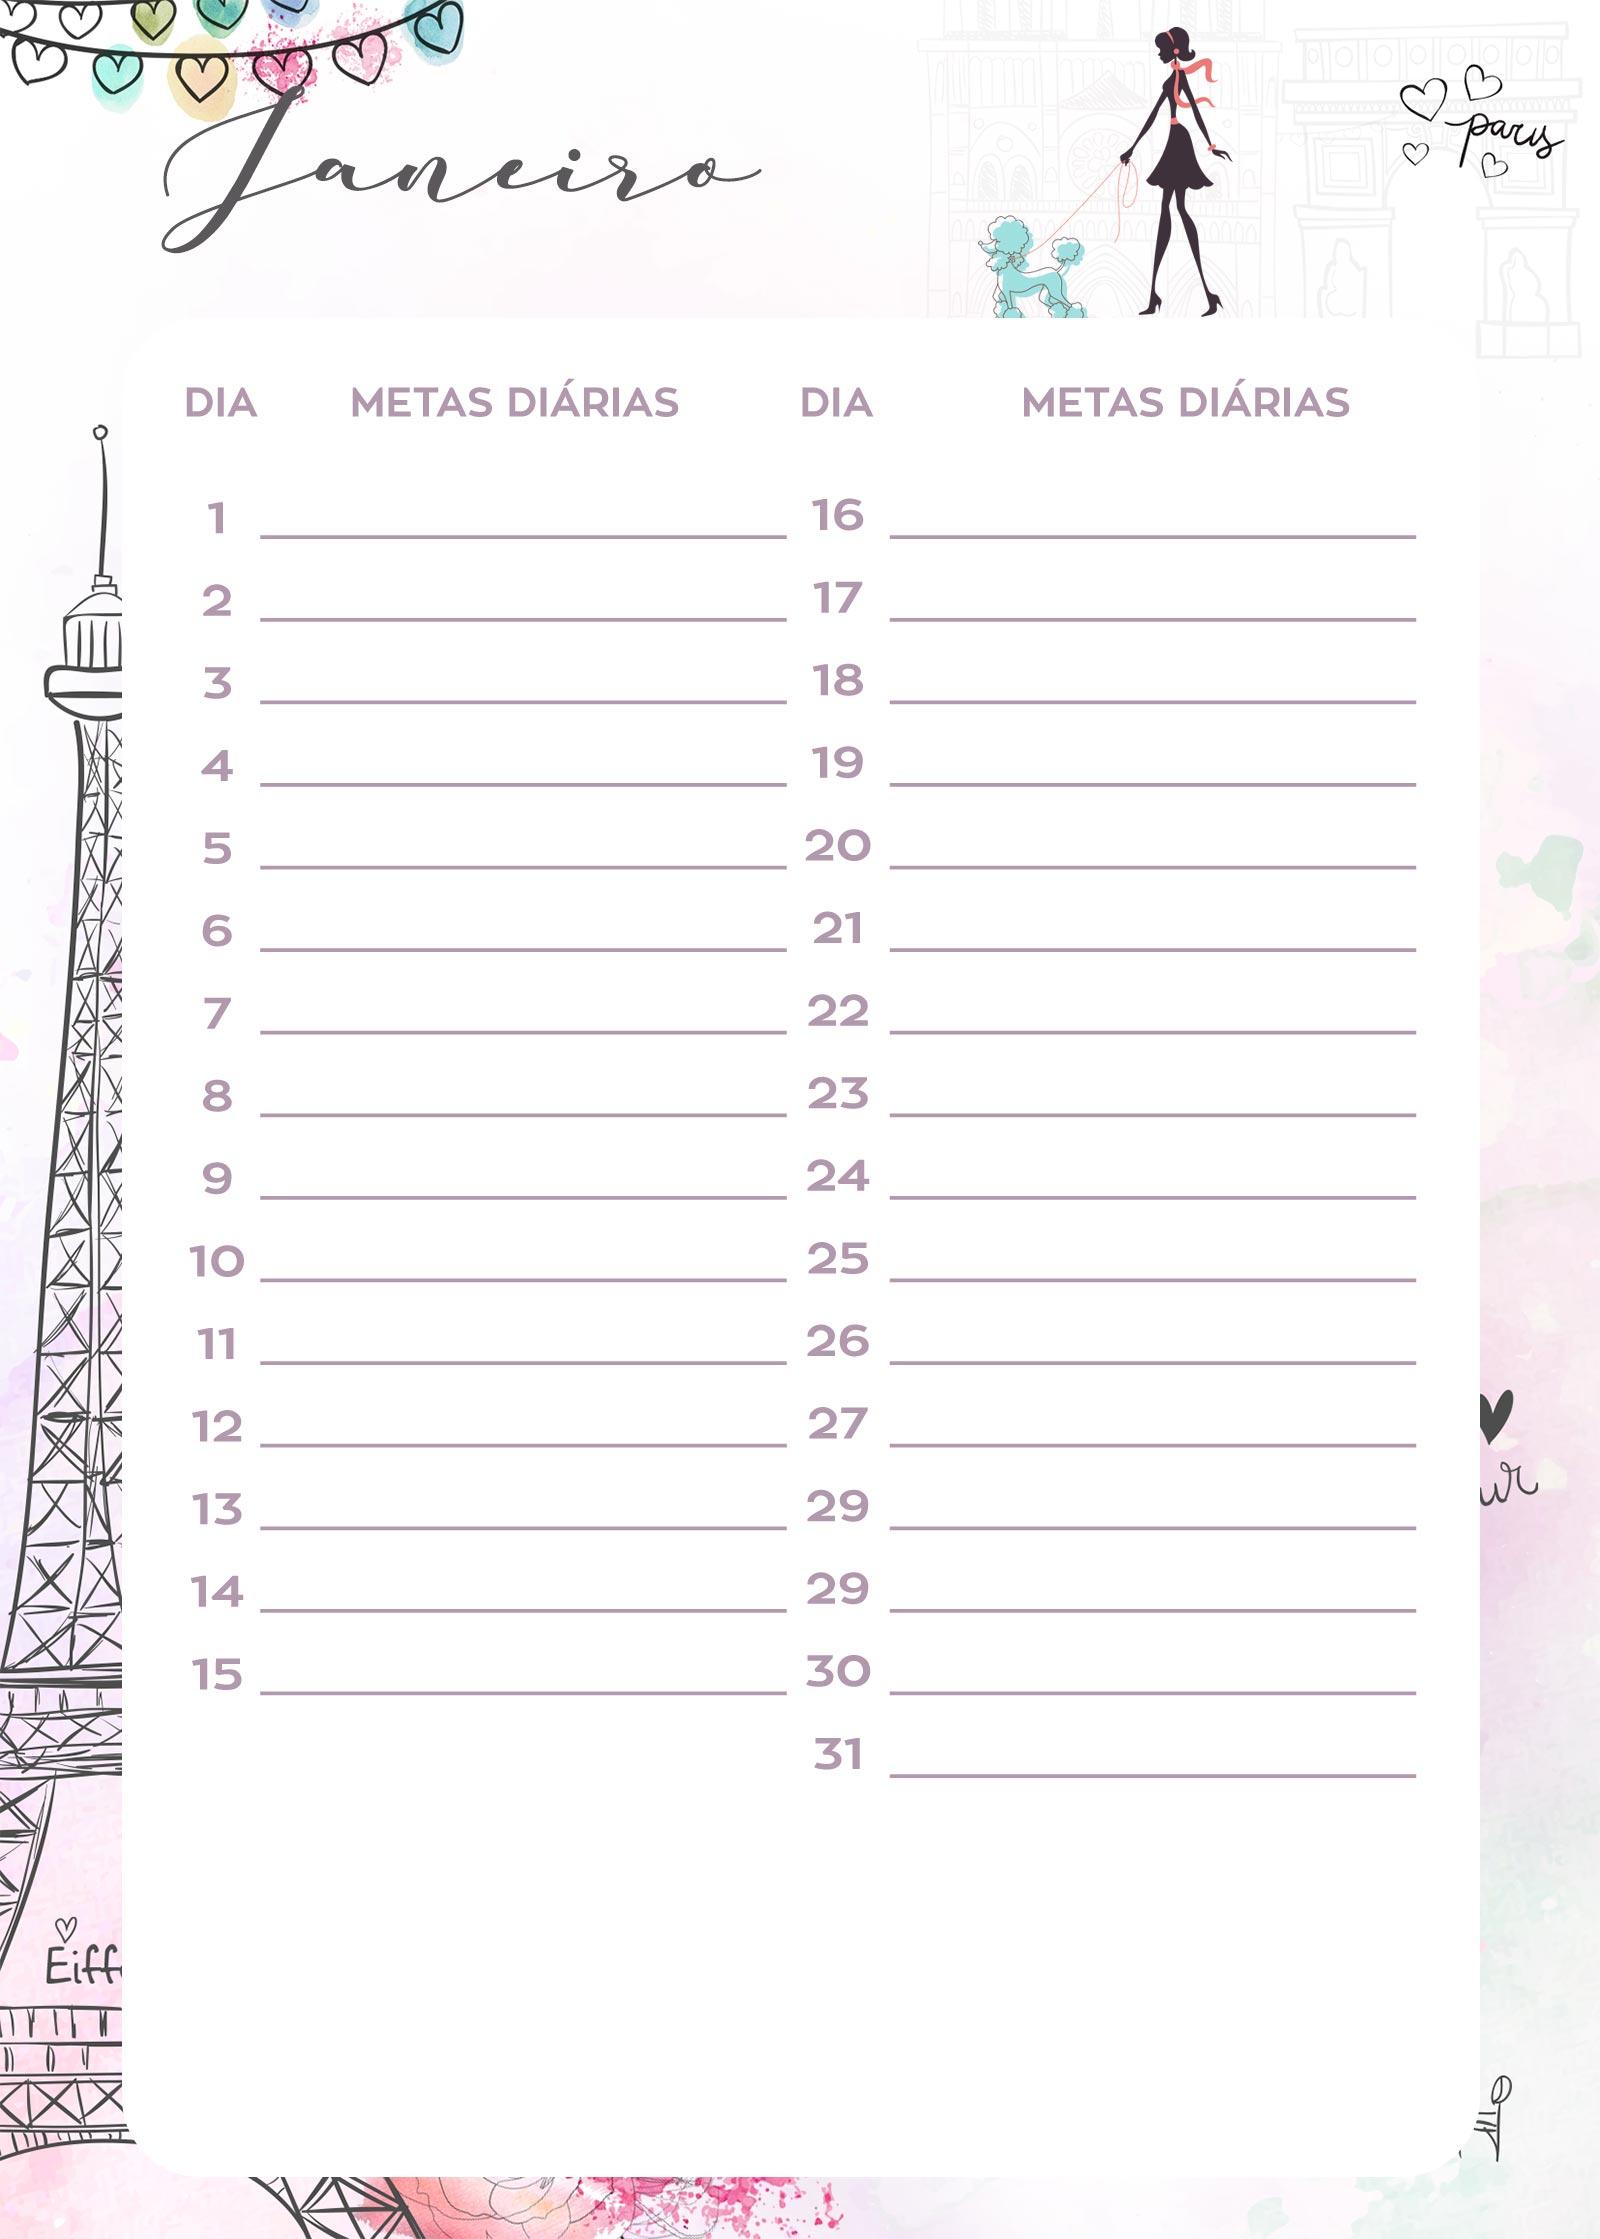 Planner Paris metas diarias janeiro